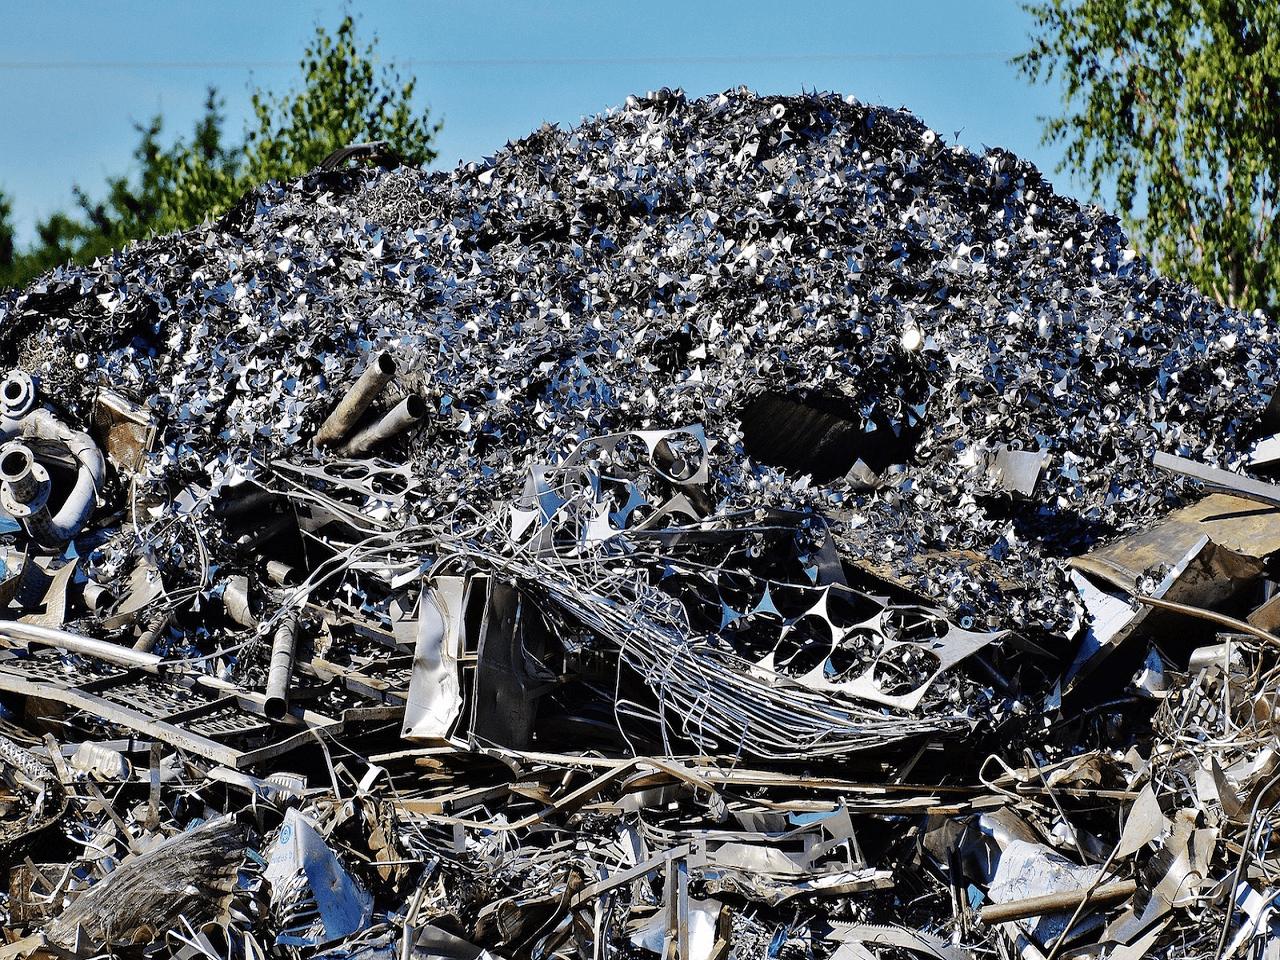 Ukrayna Hurda Metal İhracatına Geçici Yasak Getirmeye Hazırlanıyor